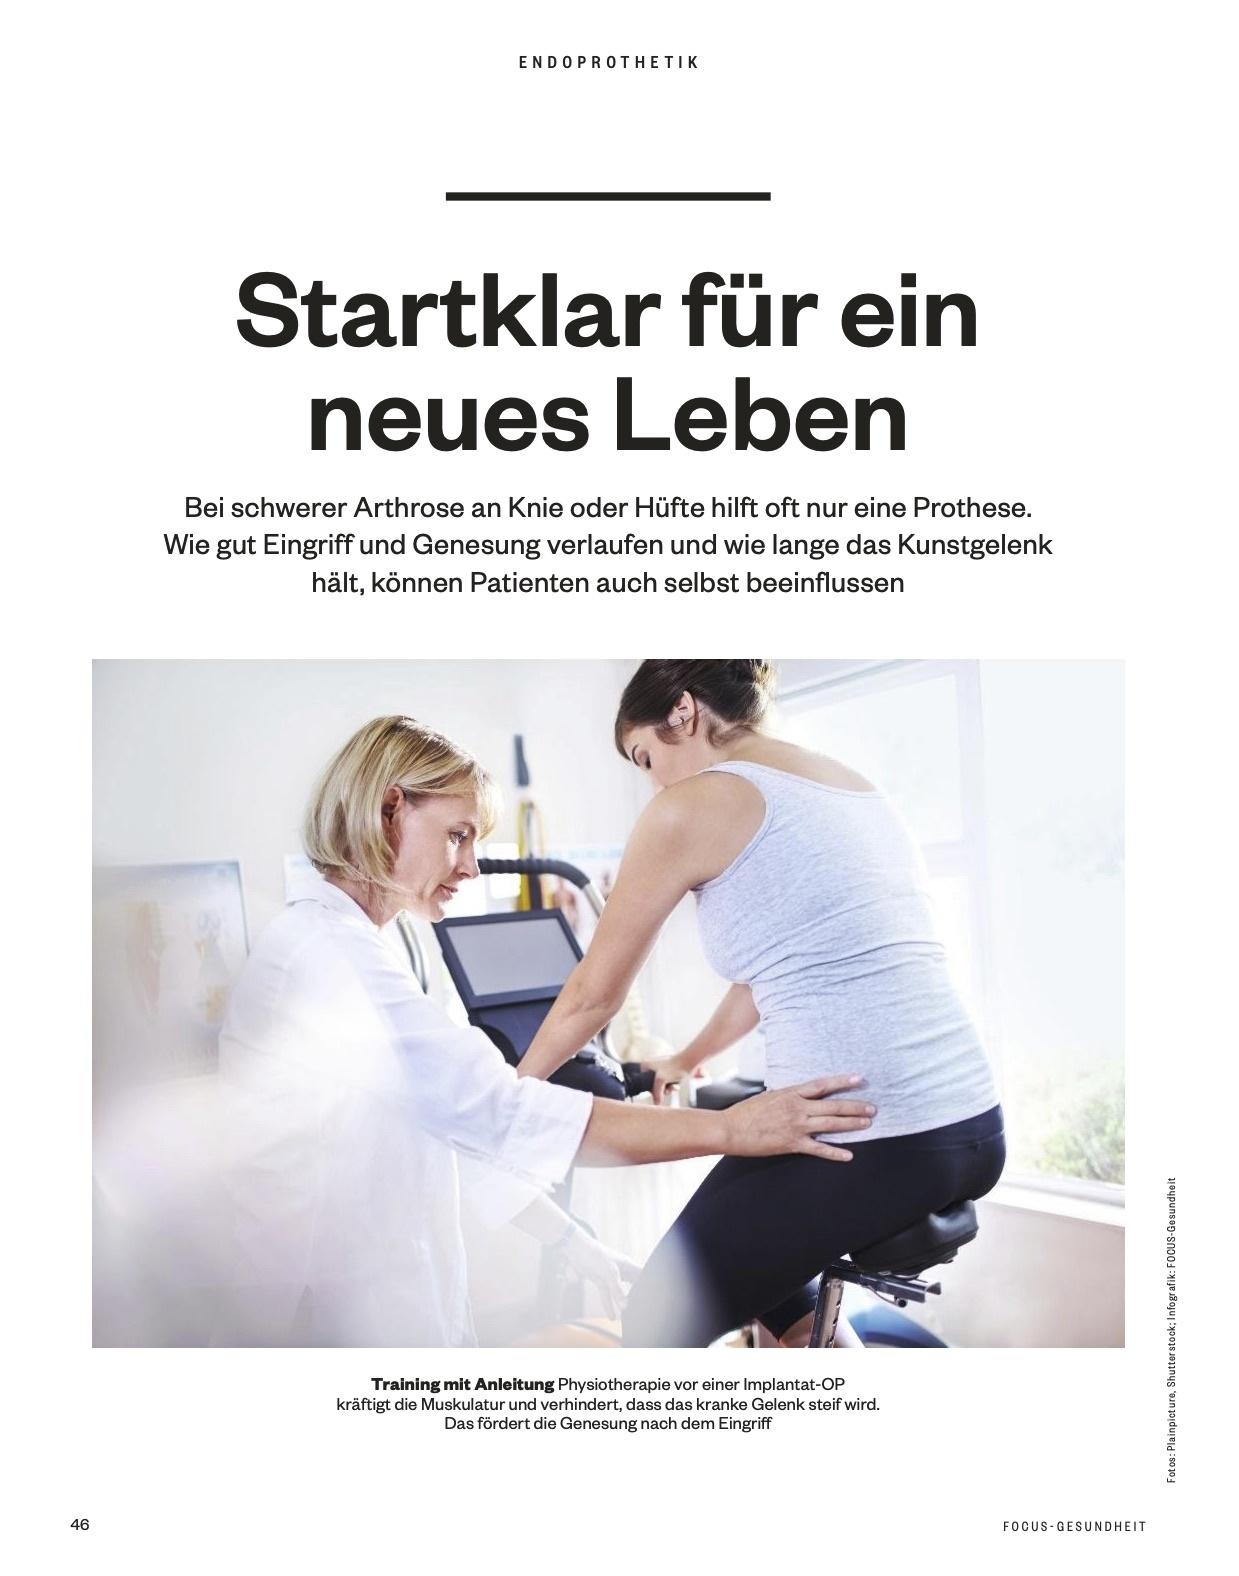 FOCUS-GESUNDHEIT FOCUS Gesundheit - Rücken & Gelenke: Schmerzfrei bewegen